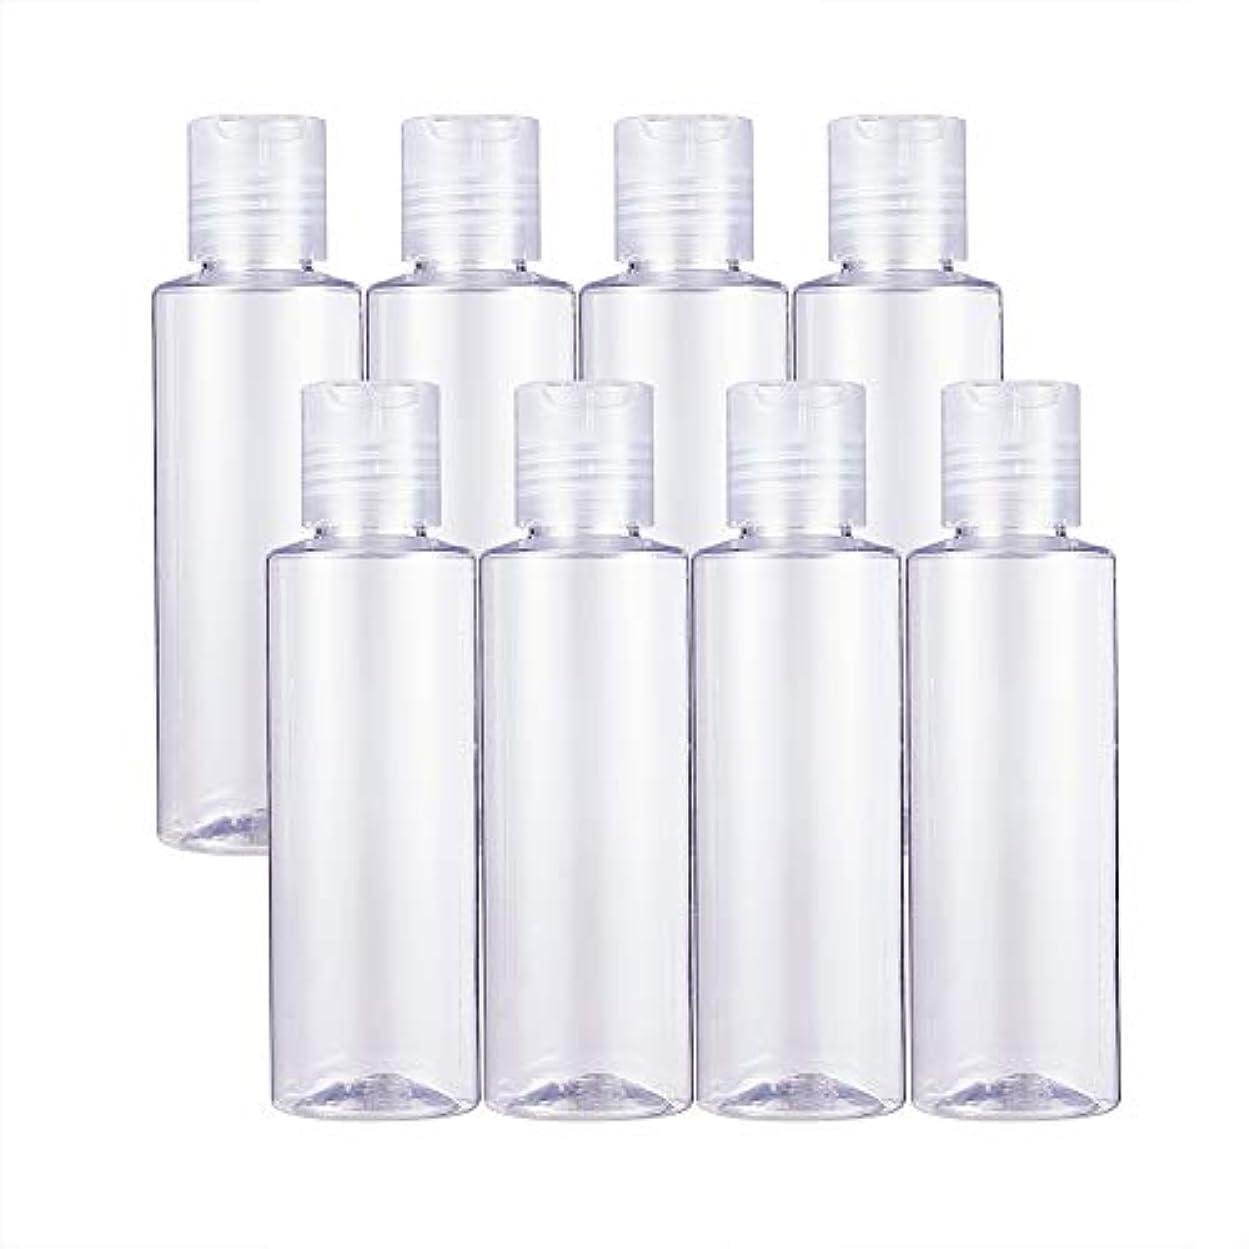 エゴマニアラリーベルモント死ぬBENECREAT 10個セット120mlプレスキャップボトル PETプラスチック製 化粧品 シャンプー 小分けボトル 詰め替え用